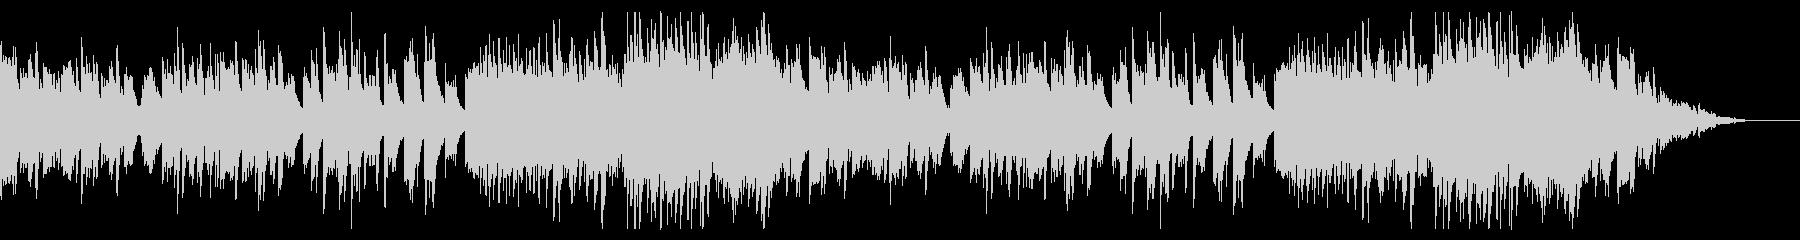 【ピアノソロ】ピアノメインの感動的な曲の未再生の波形